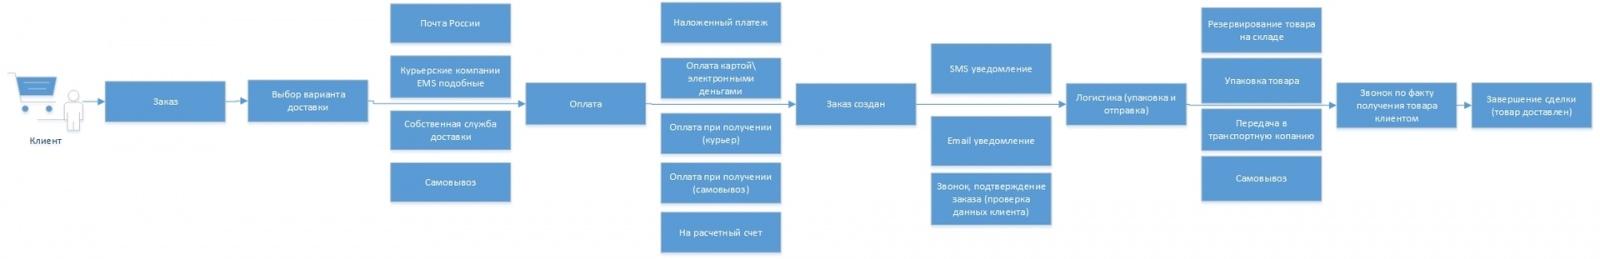 Интернет магазин с нуля. Часть 2: Бизнес модель и некоторые правила - 4